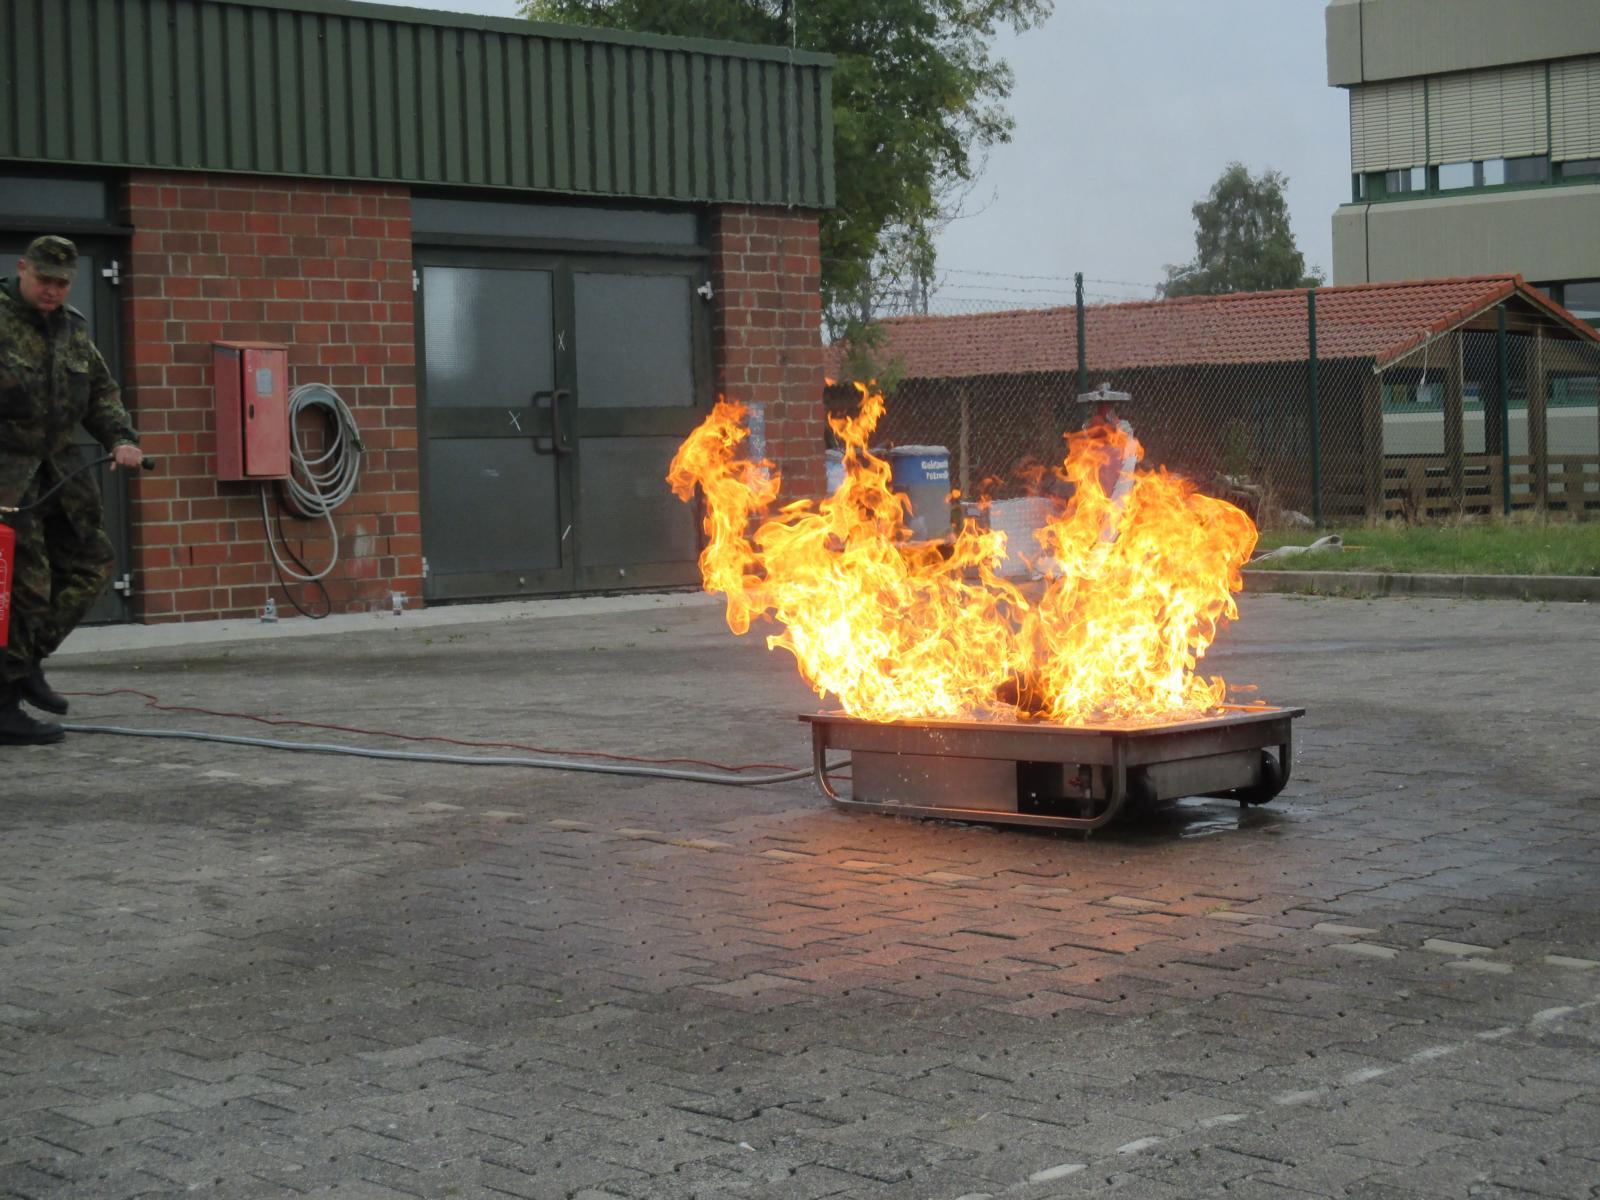 Brandhelferausbildung